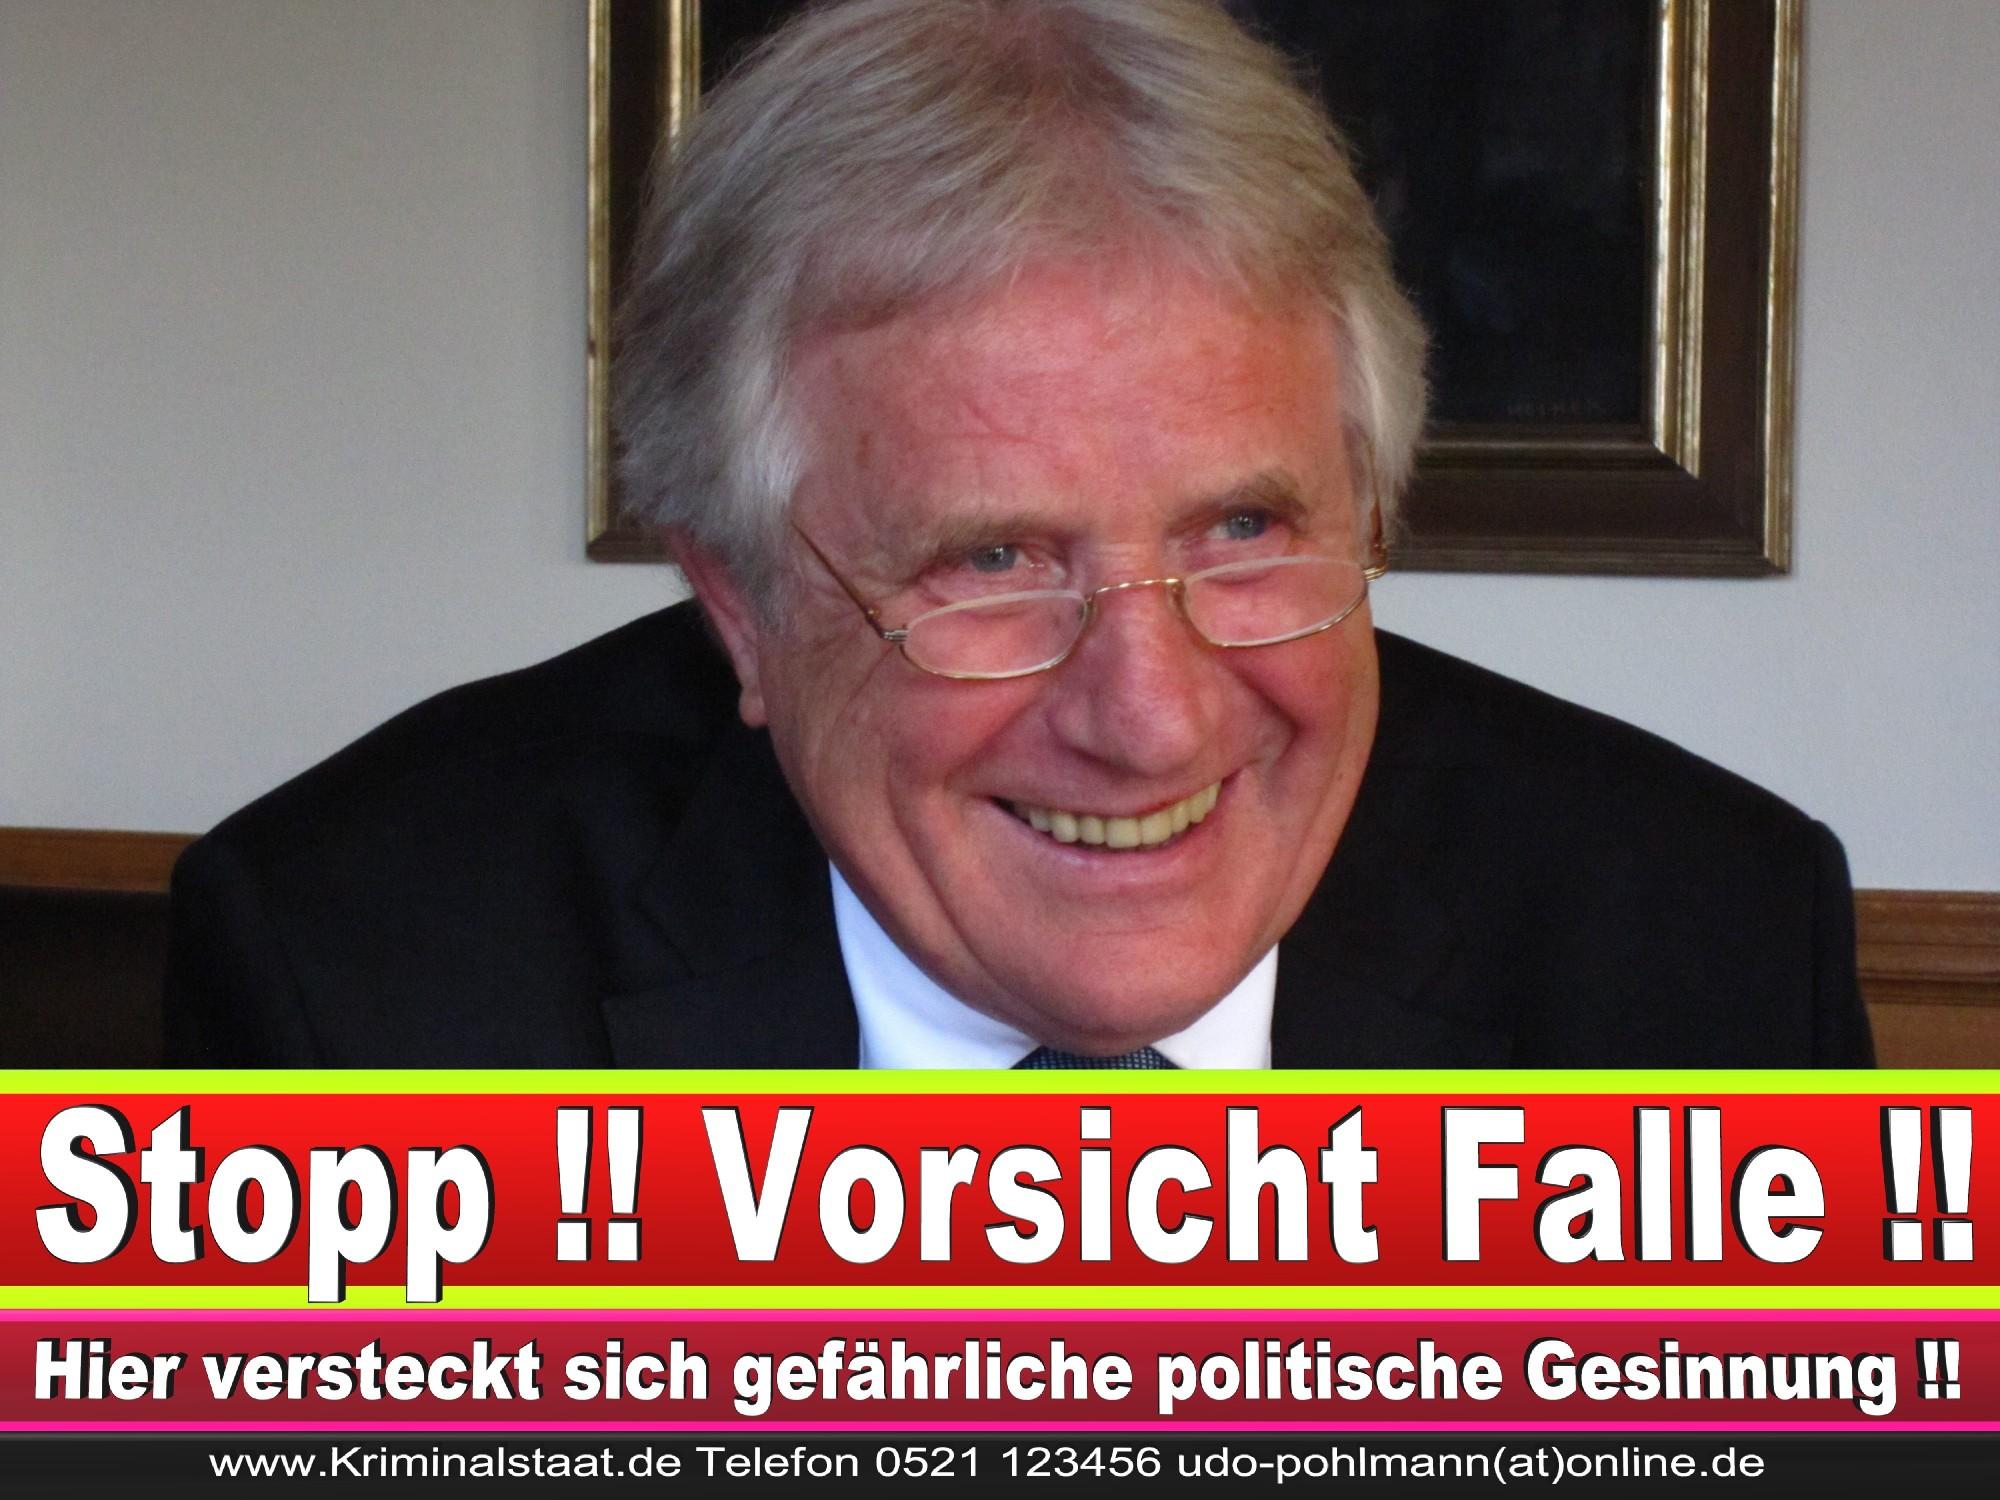 Polizeipräsident Erwin Südfeld Bielefeld Oberbürgermeister Bürgermeister Peter Clausen Pit Clausen Bielefeld 59